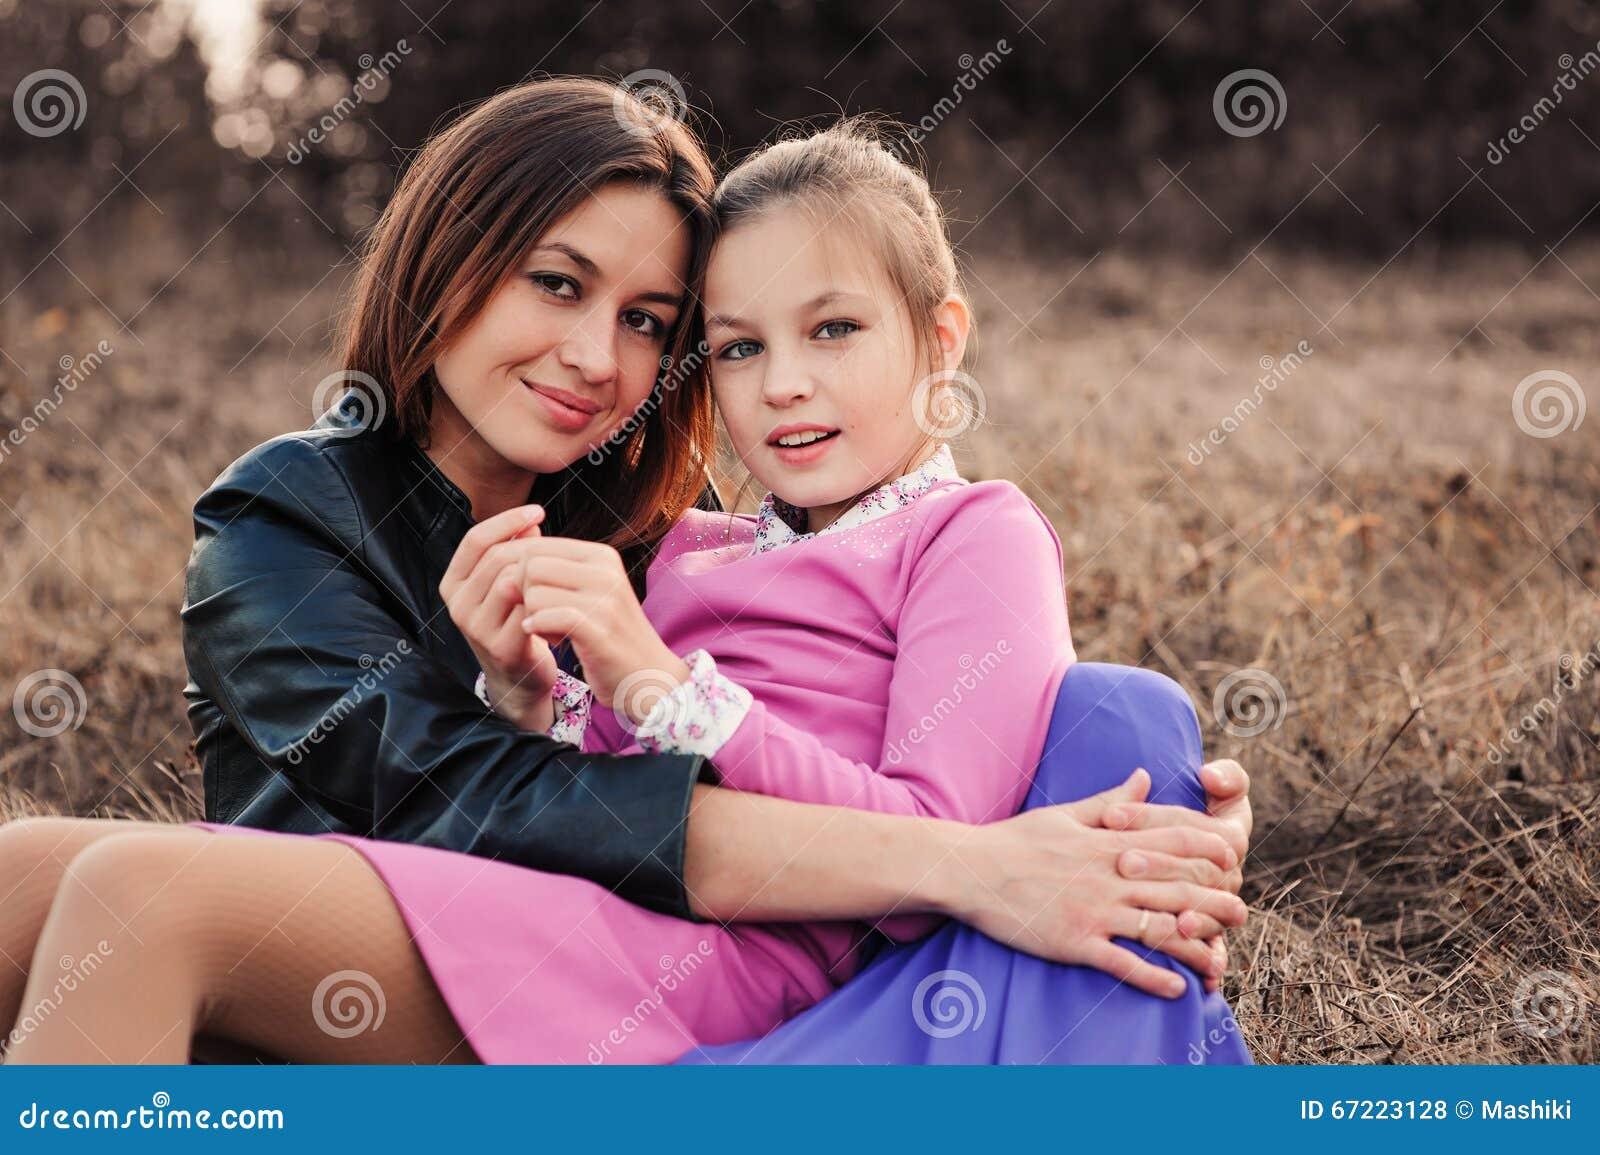 Captura de la forma de vida de la hija feliz de la madre y del preadolescente que se divierte al aire libre Familia cariñosa que